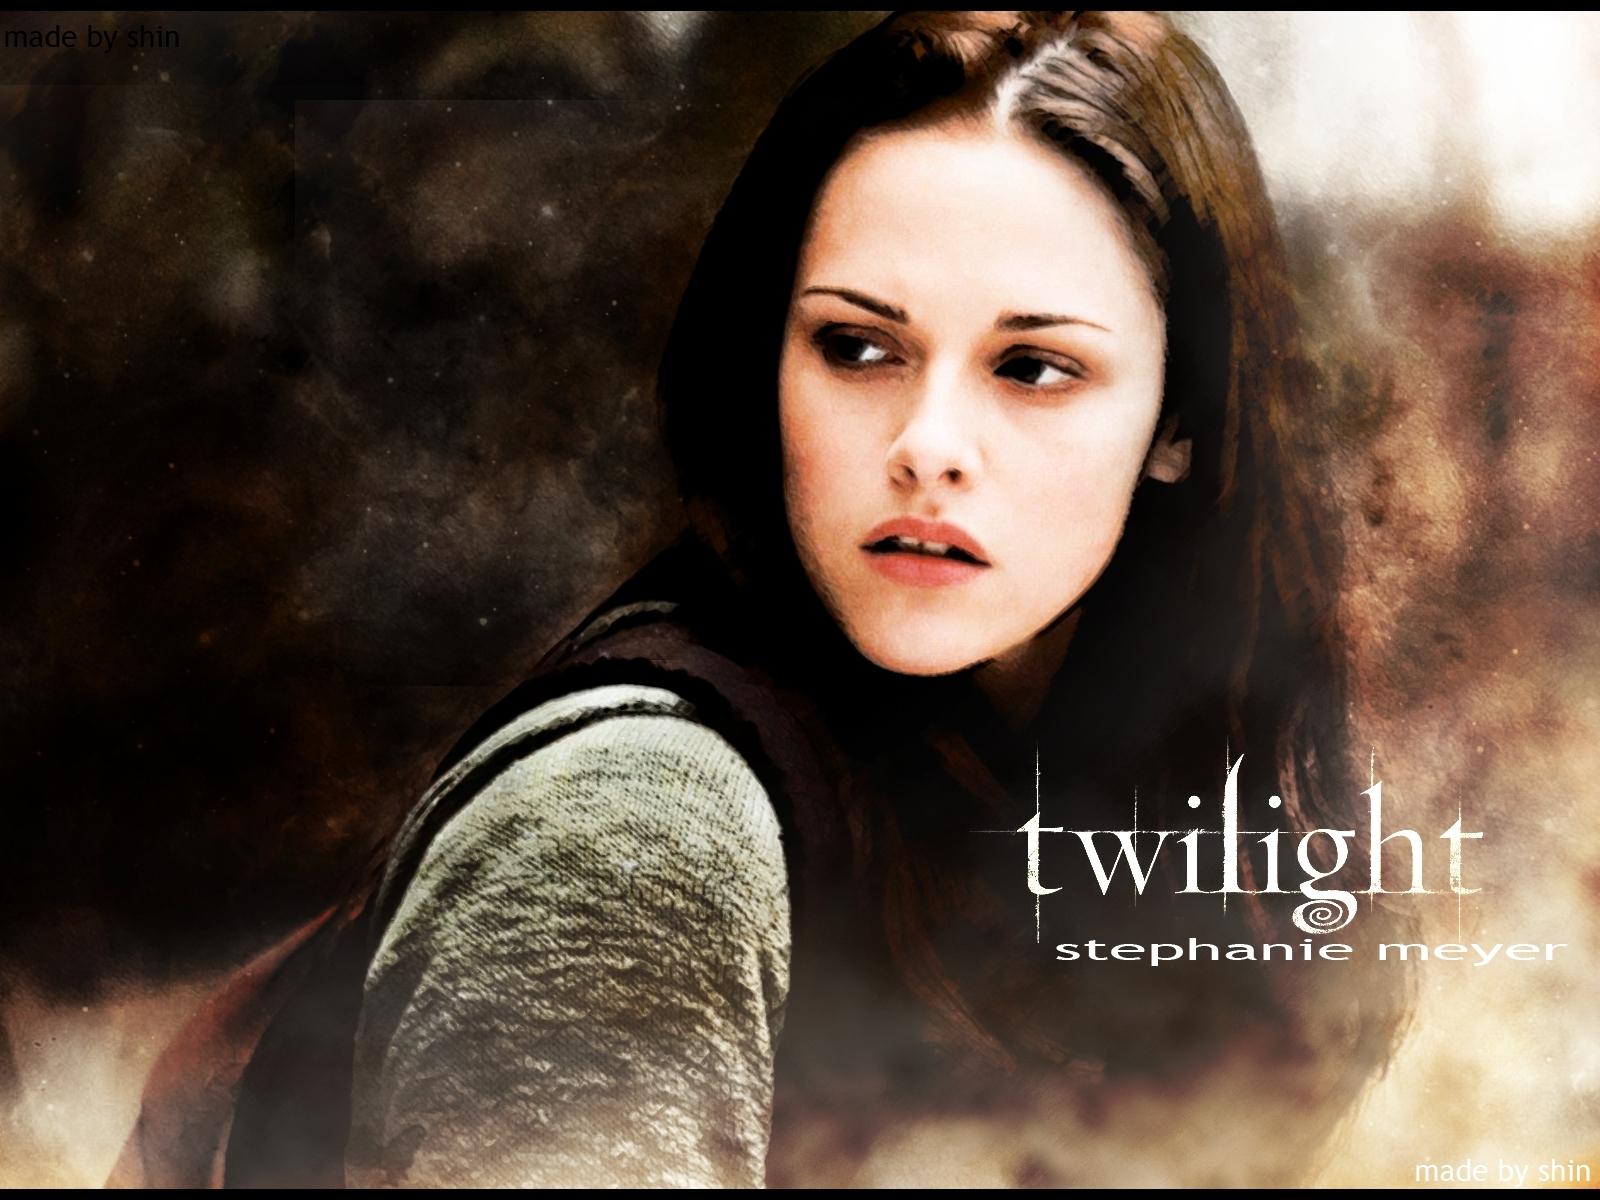 ბინდი საგა/the twilight saga - Page 12 Twilight-Bella-Fan-wallpaper-twilight-movie-8898578-1600-1200